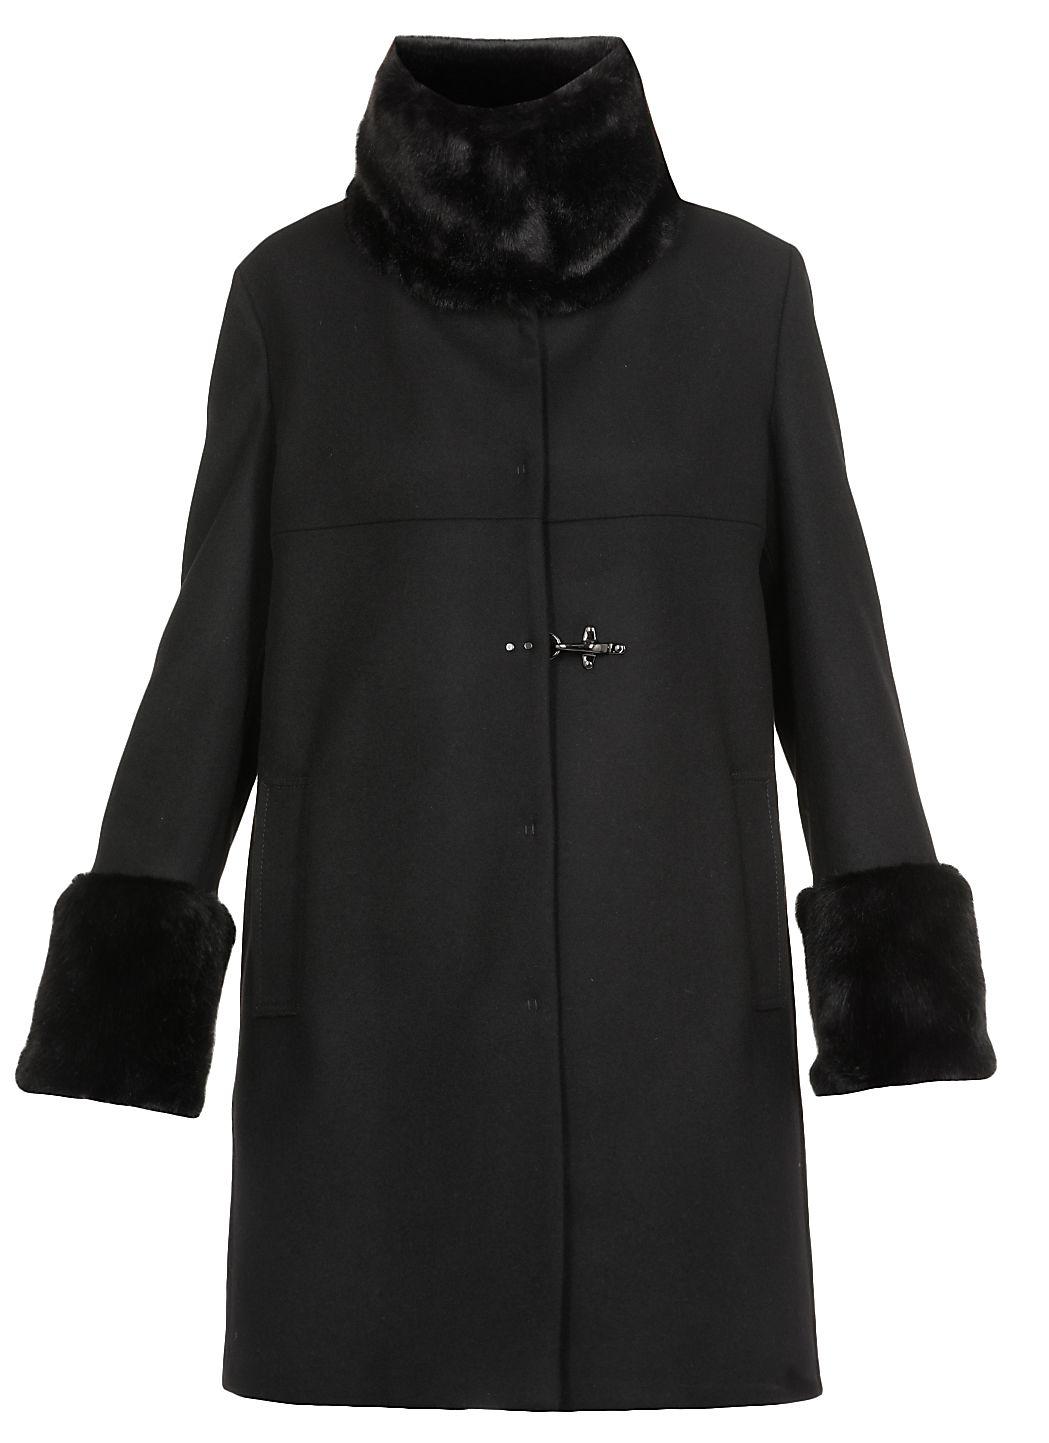 Cappotto in misto lana con eco pelliccia